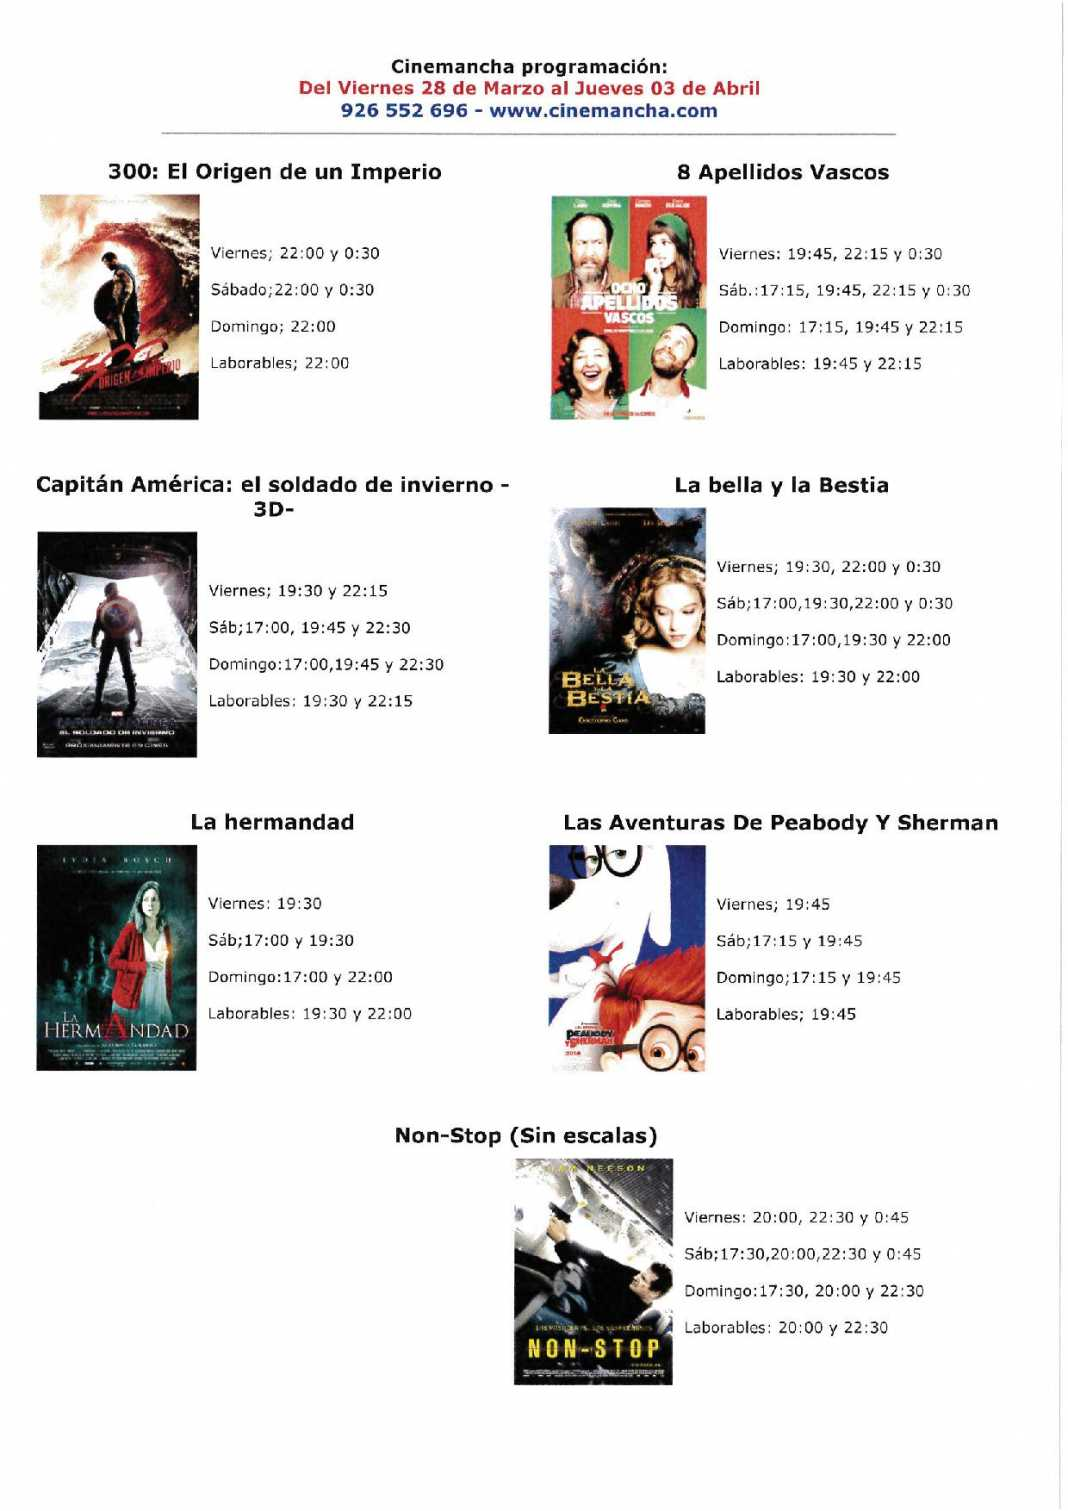 cartelera 1068x1511 - Programación Cinemancha del viernes 28 de marzo al jueves 3 de abril